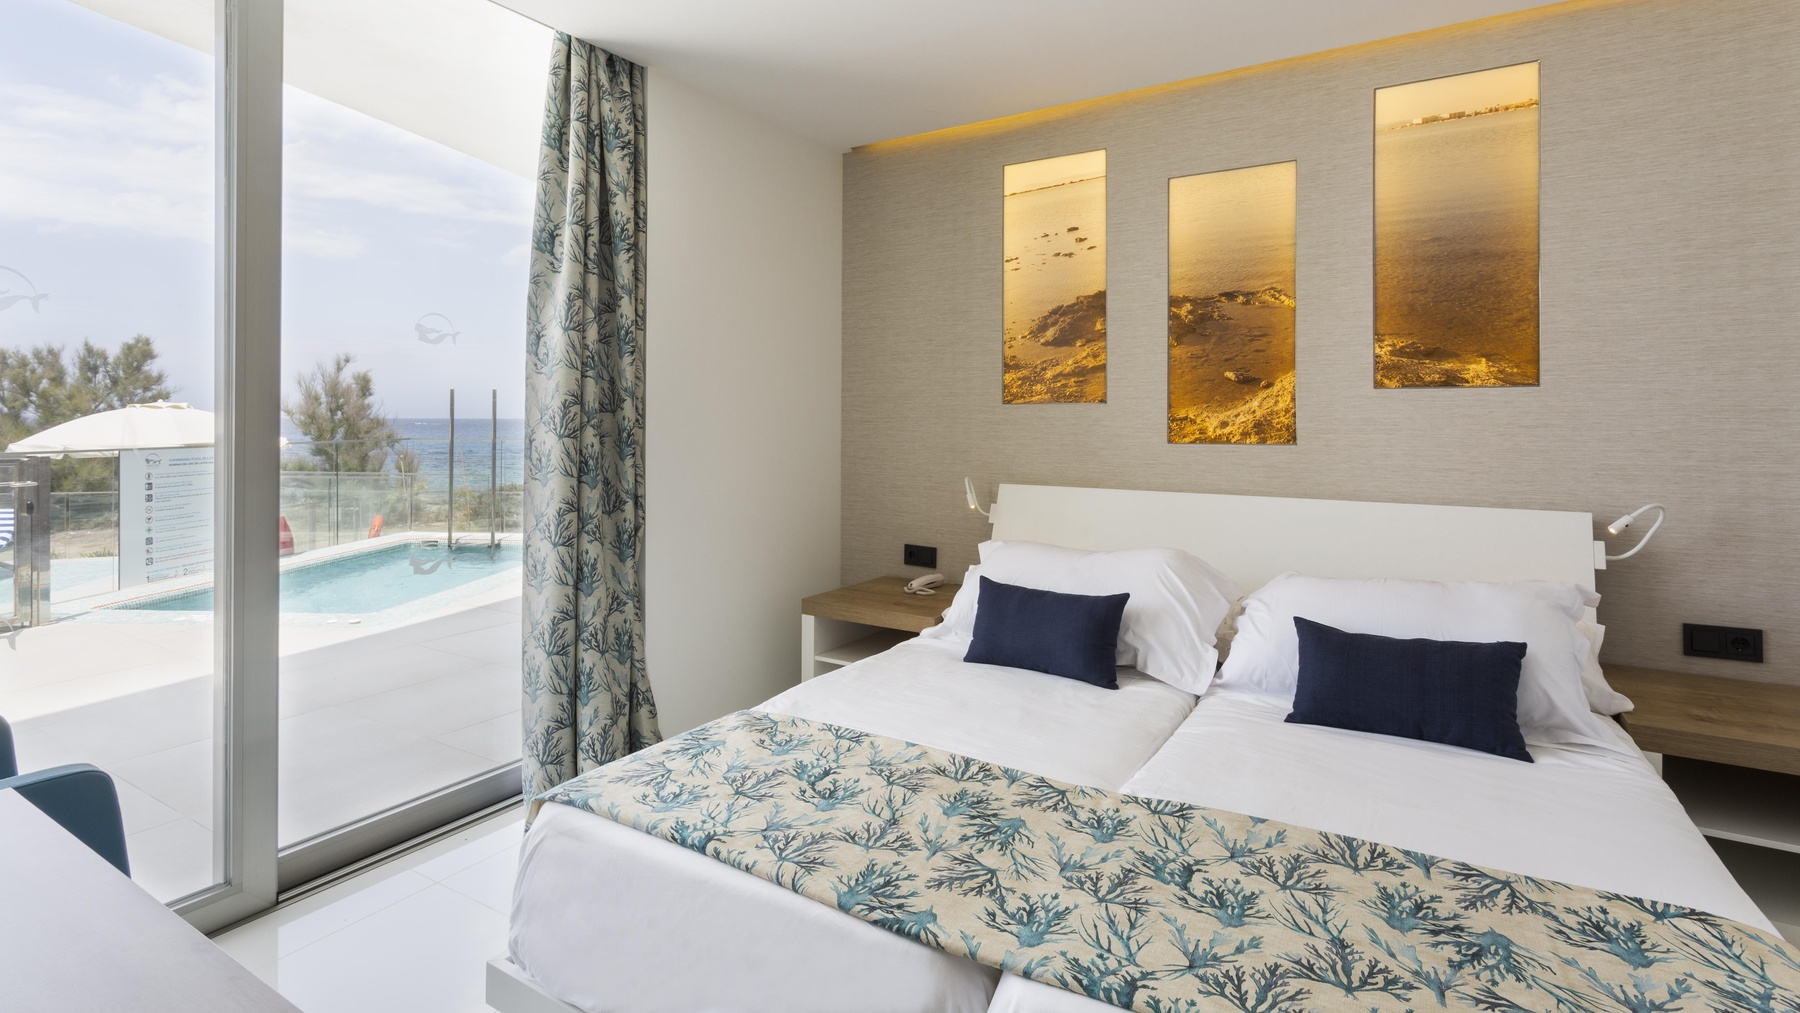 Master Suite Bedroom Master Suite Deluxe 2 Bedrooms Whirlpool